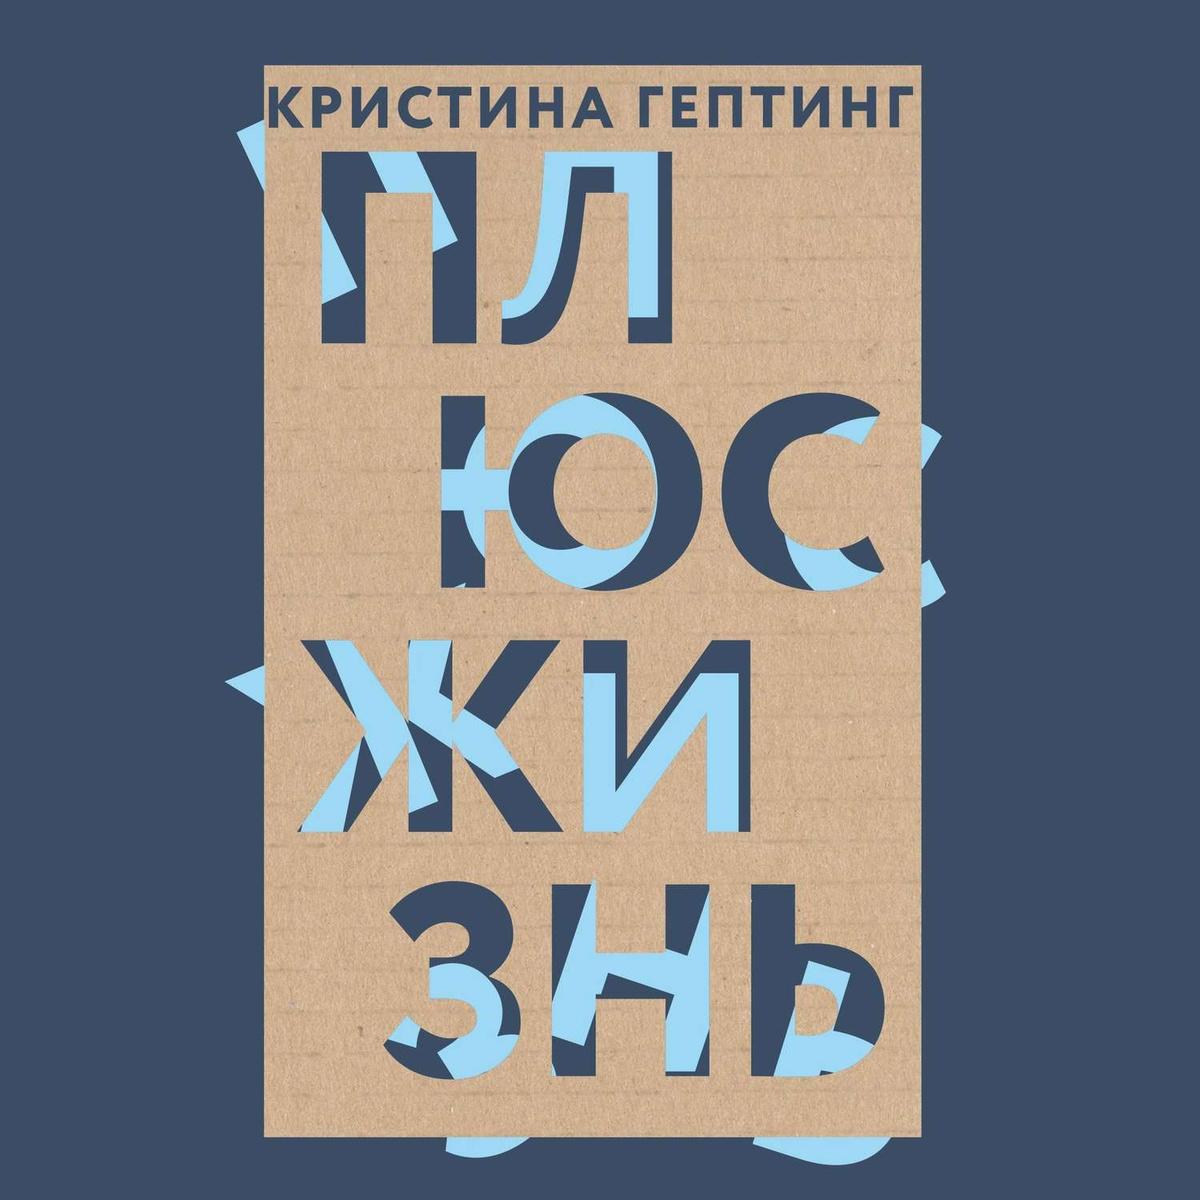 60f41d645bd6a2 Плюс жизнь — купить в интернет-магазине OZON.ru с быстрой доставкой